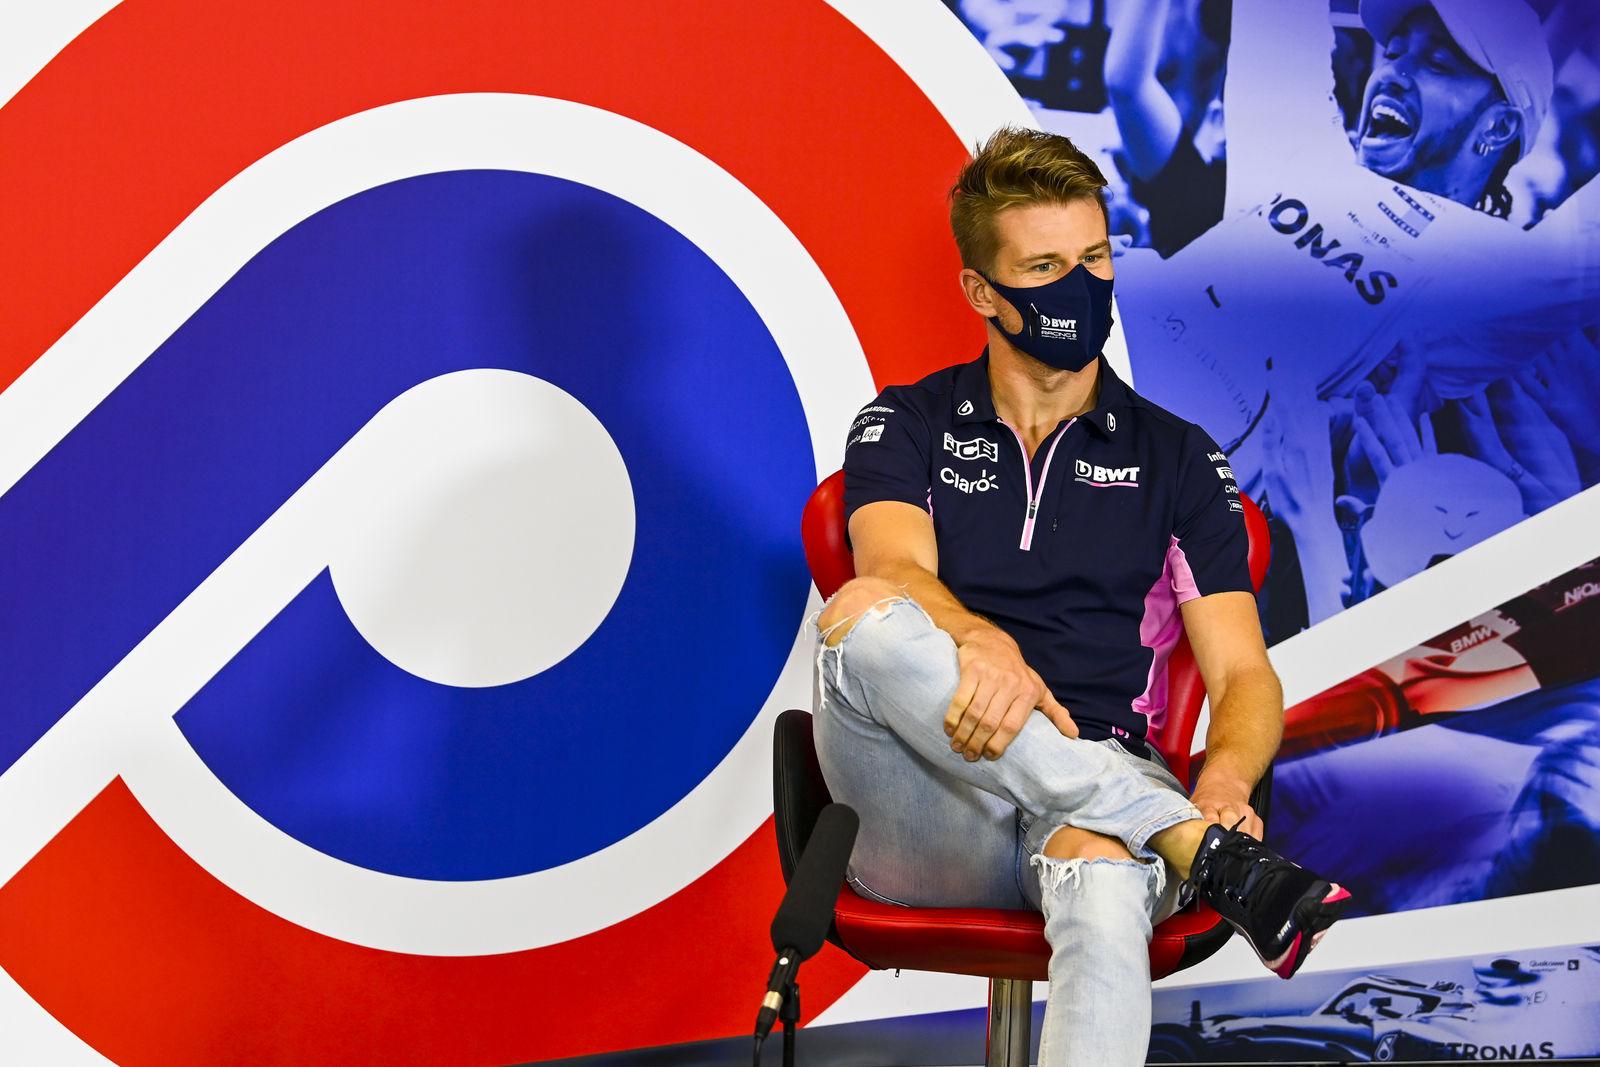 Pour son second week-end avec Racing Point, Hülkenberg vise les points à Silverstone 1